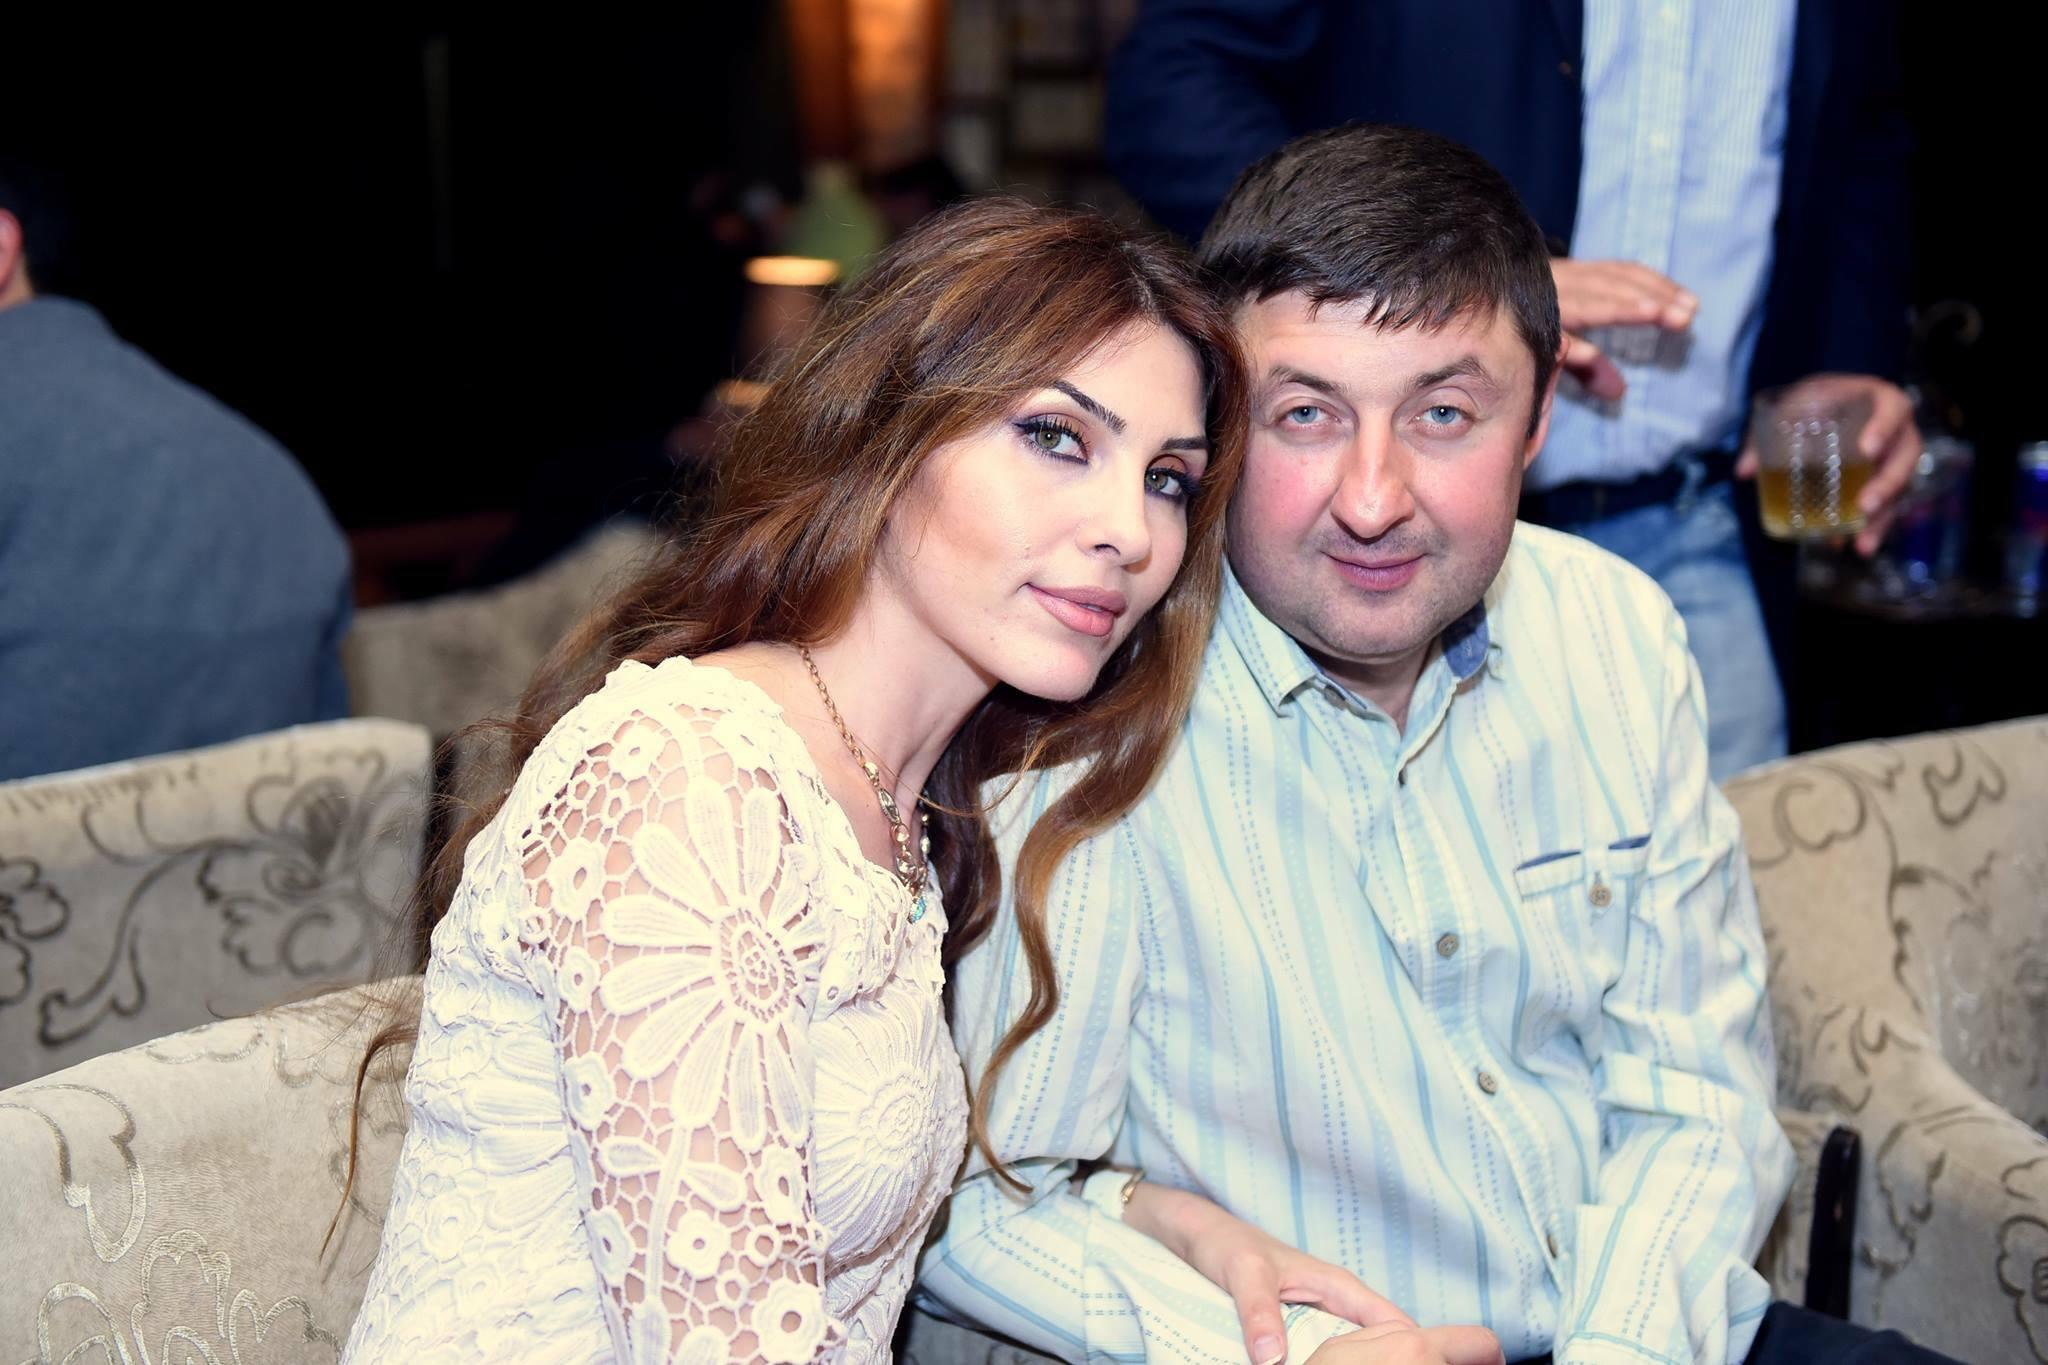 Գոհար Հարությունյան. «Ինձ մոտ խնդիր եղավ, ինչից հետո բժիշկներն արգելեցին հղիության ընթացքում ինքնաթիռ նստել» - Լուրեր Հայաստանից - Թերթ.am